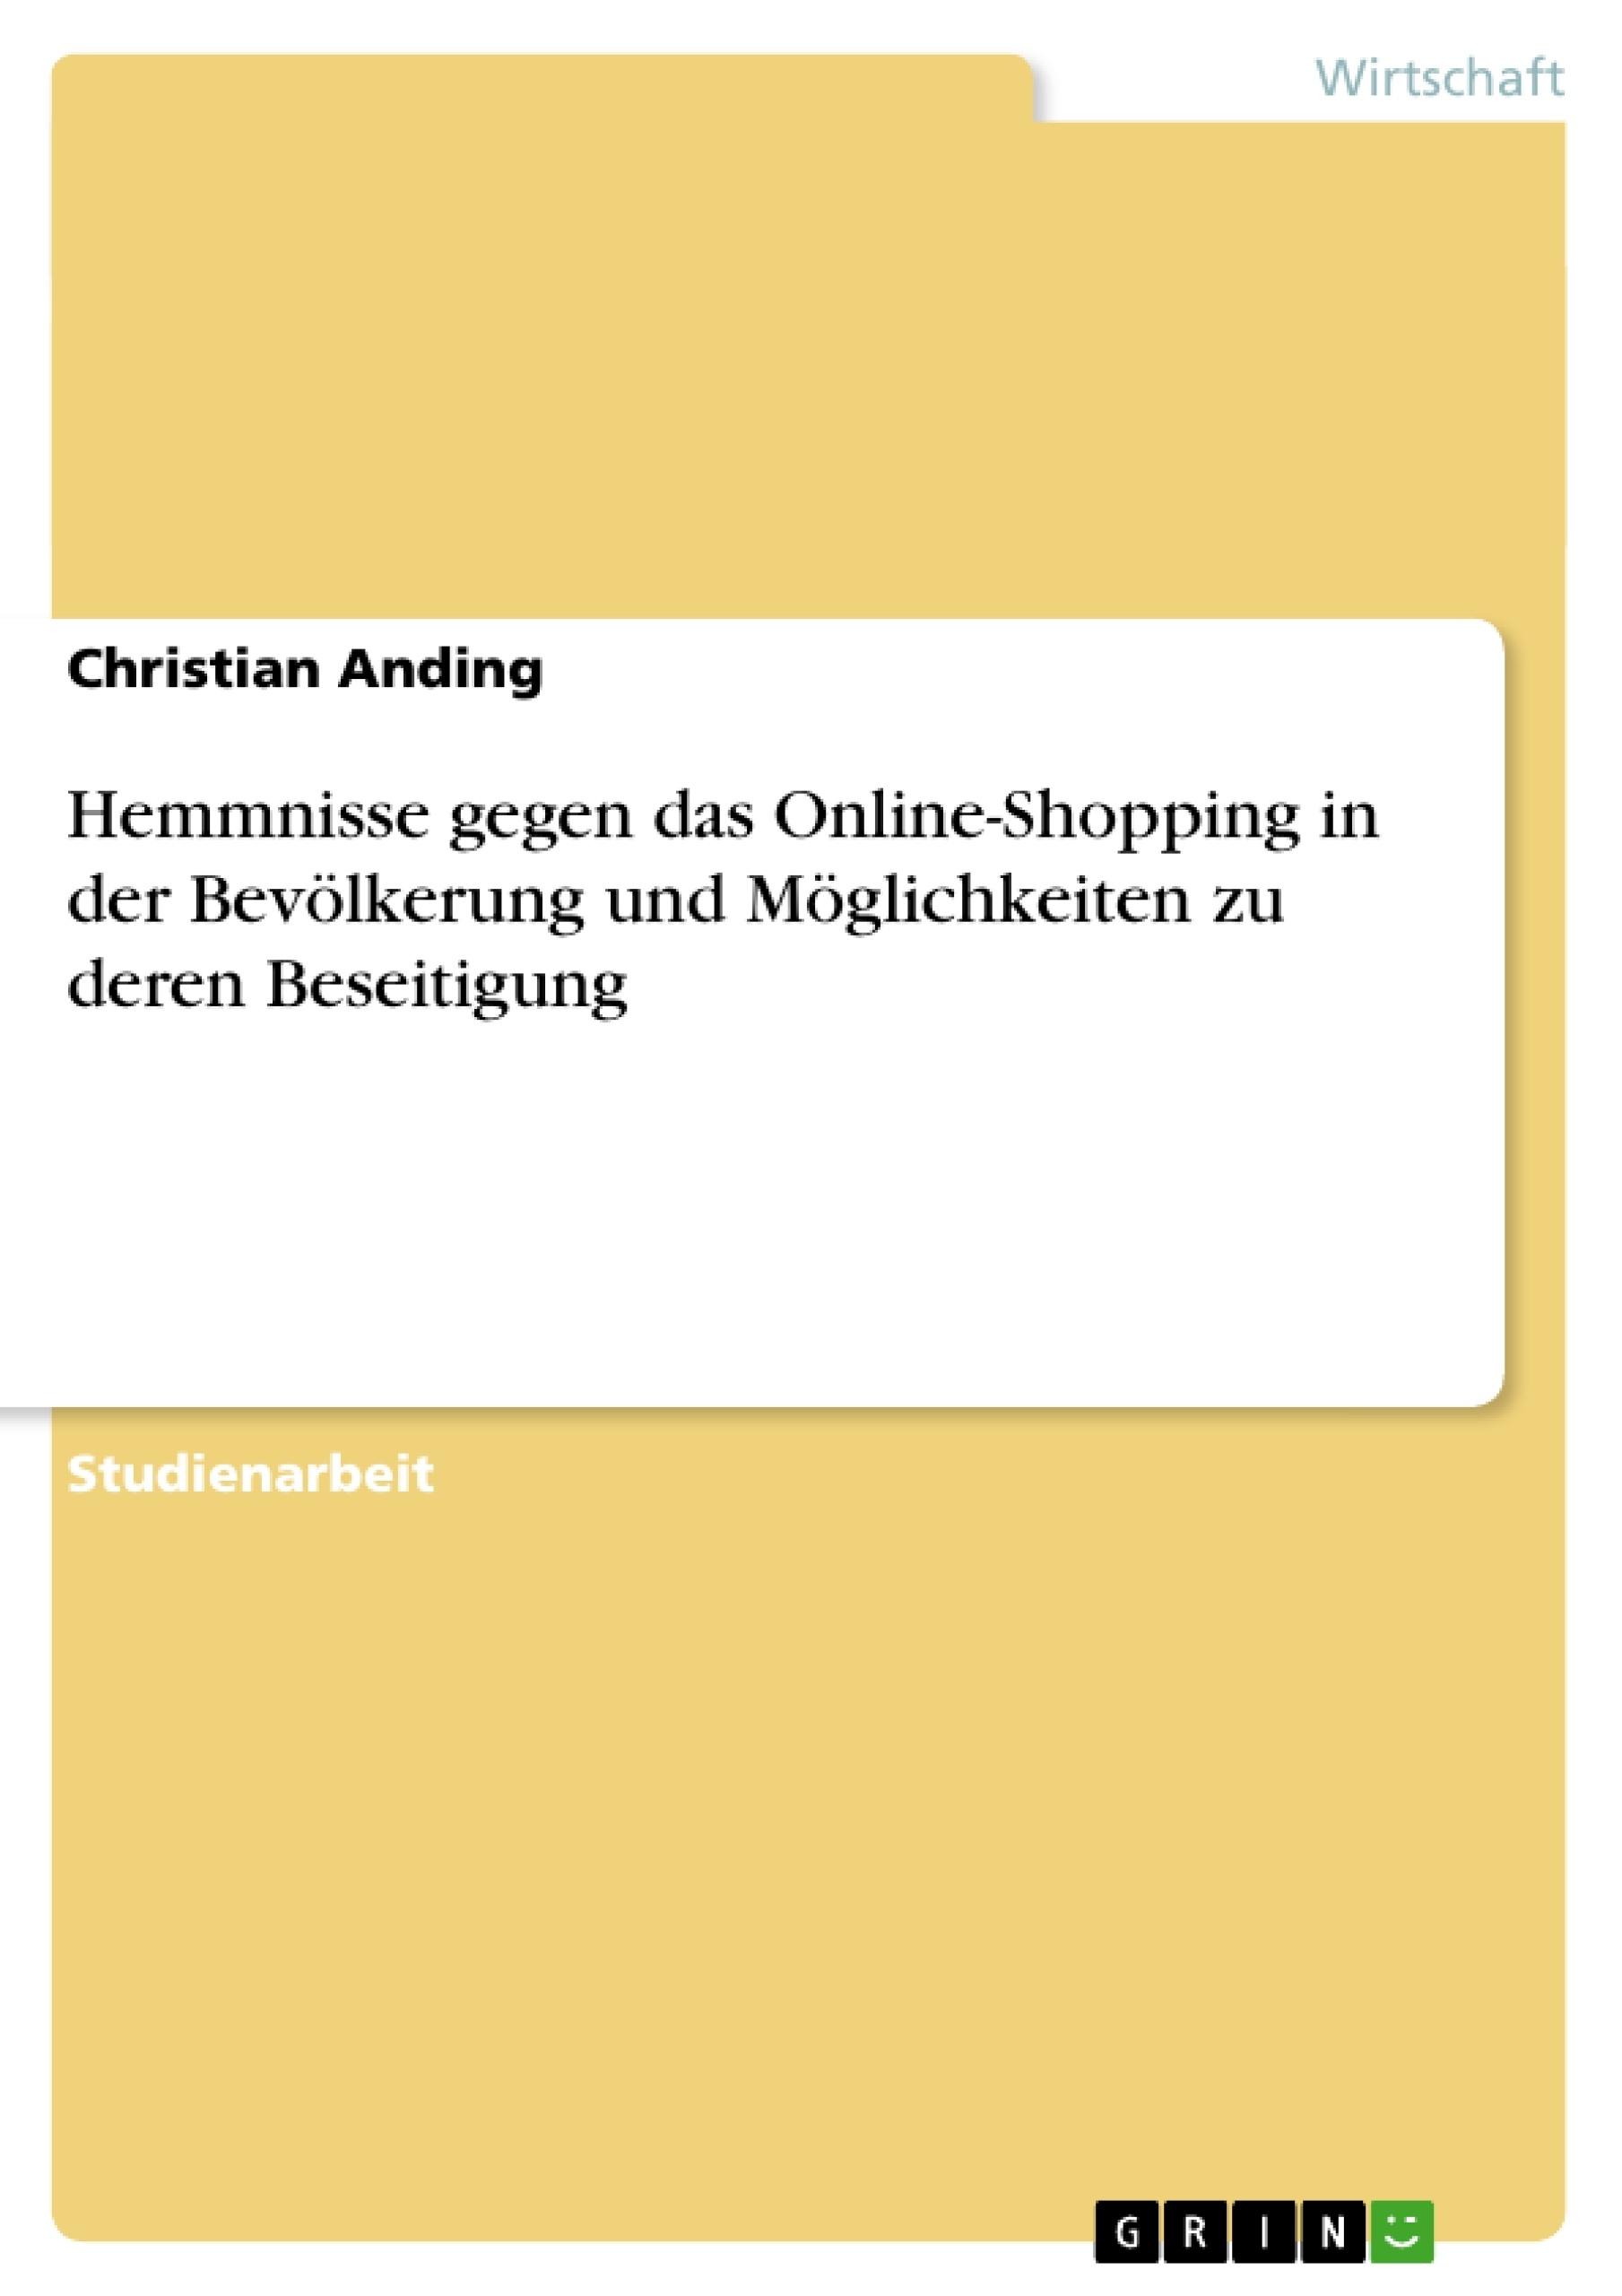 Titel: Hemmnisse gegen das Online-Shopping in der Bevölkerung und Möglichkeiten zu deren Beseitigung